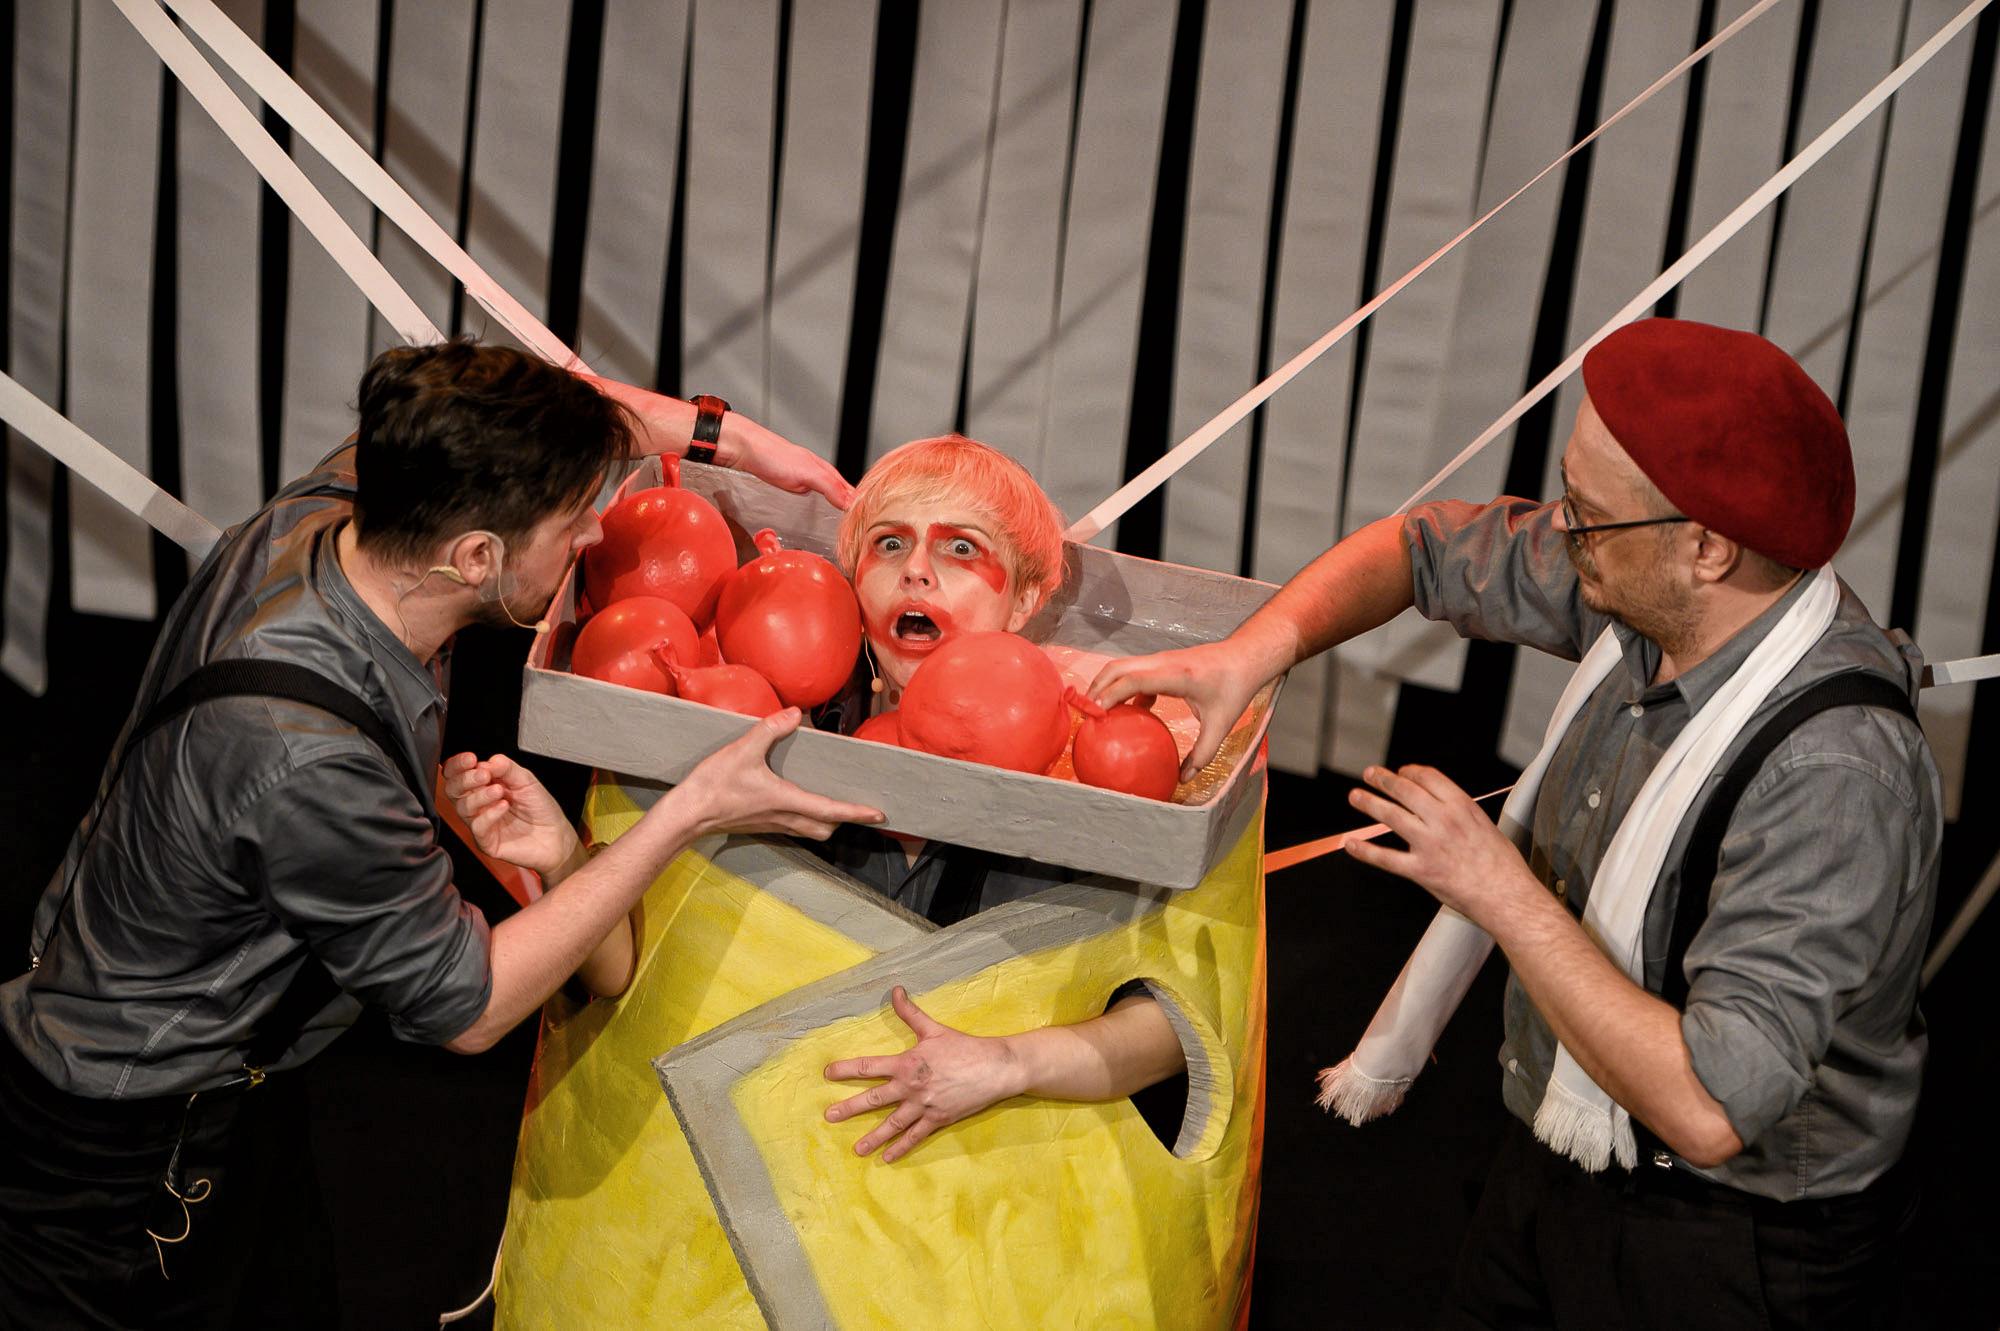 Aktorka z pomalowaną twarzą i przerażoną miną. Trzyma na szyi karton z czerwonymi kulami. Obok stoi pozostała dwójka aktorów.